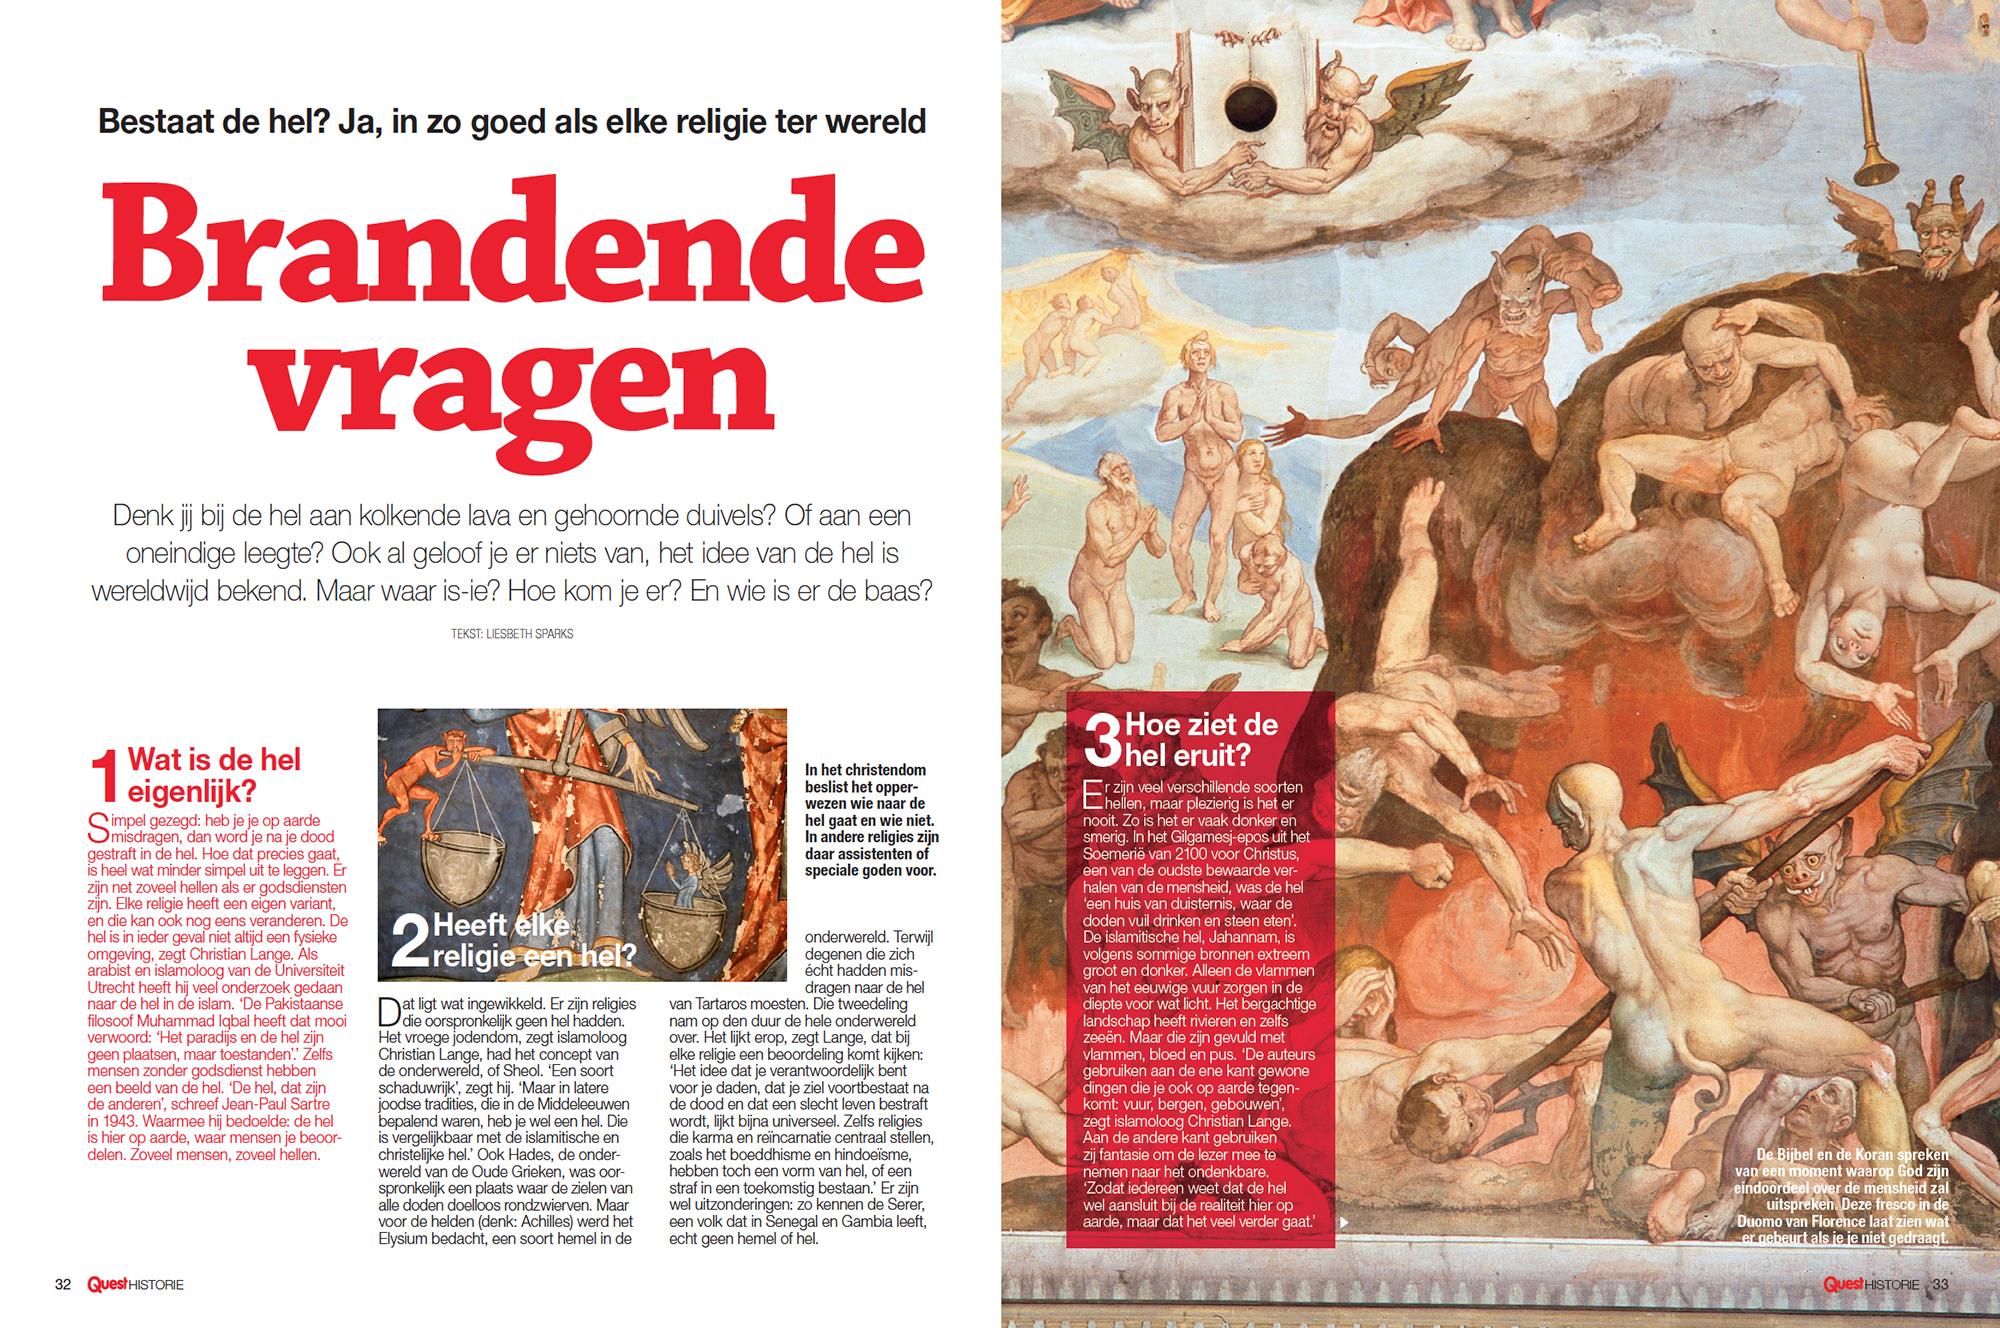 Tijdschrift Quest Historie in opdracht van mediabedrijf Hearst Netherlands